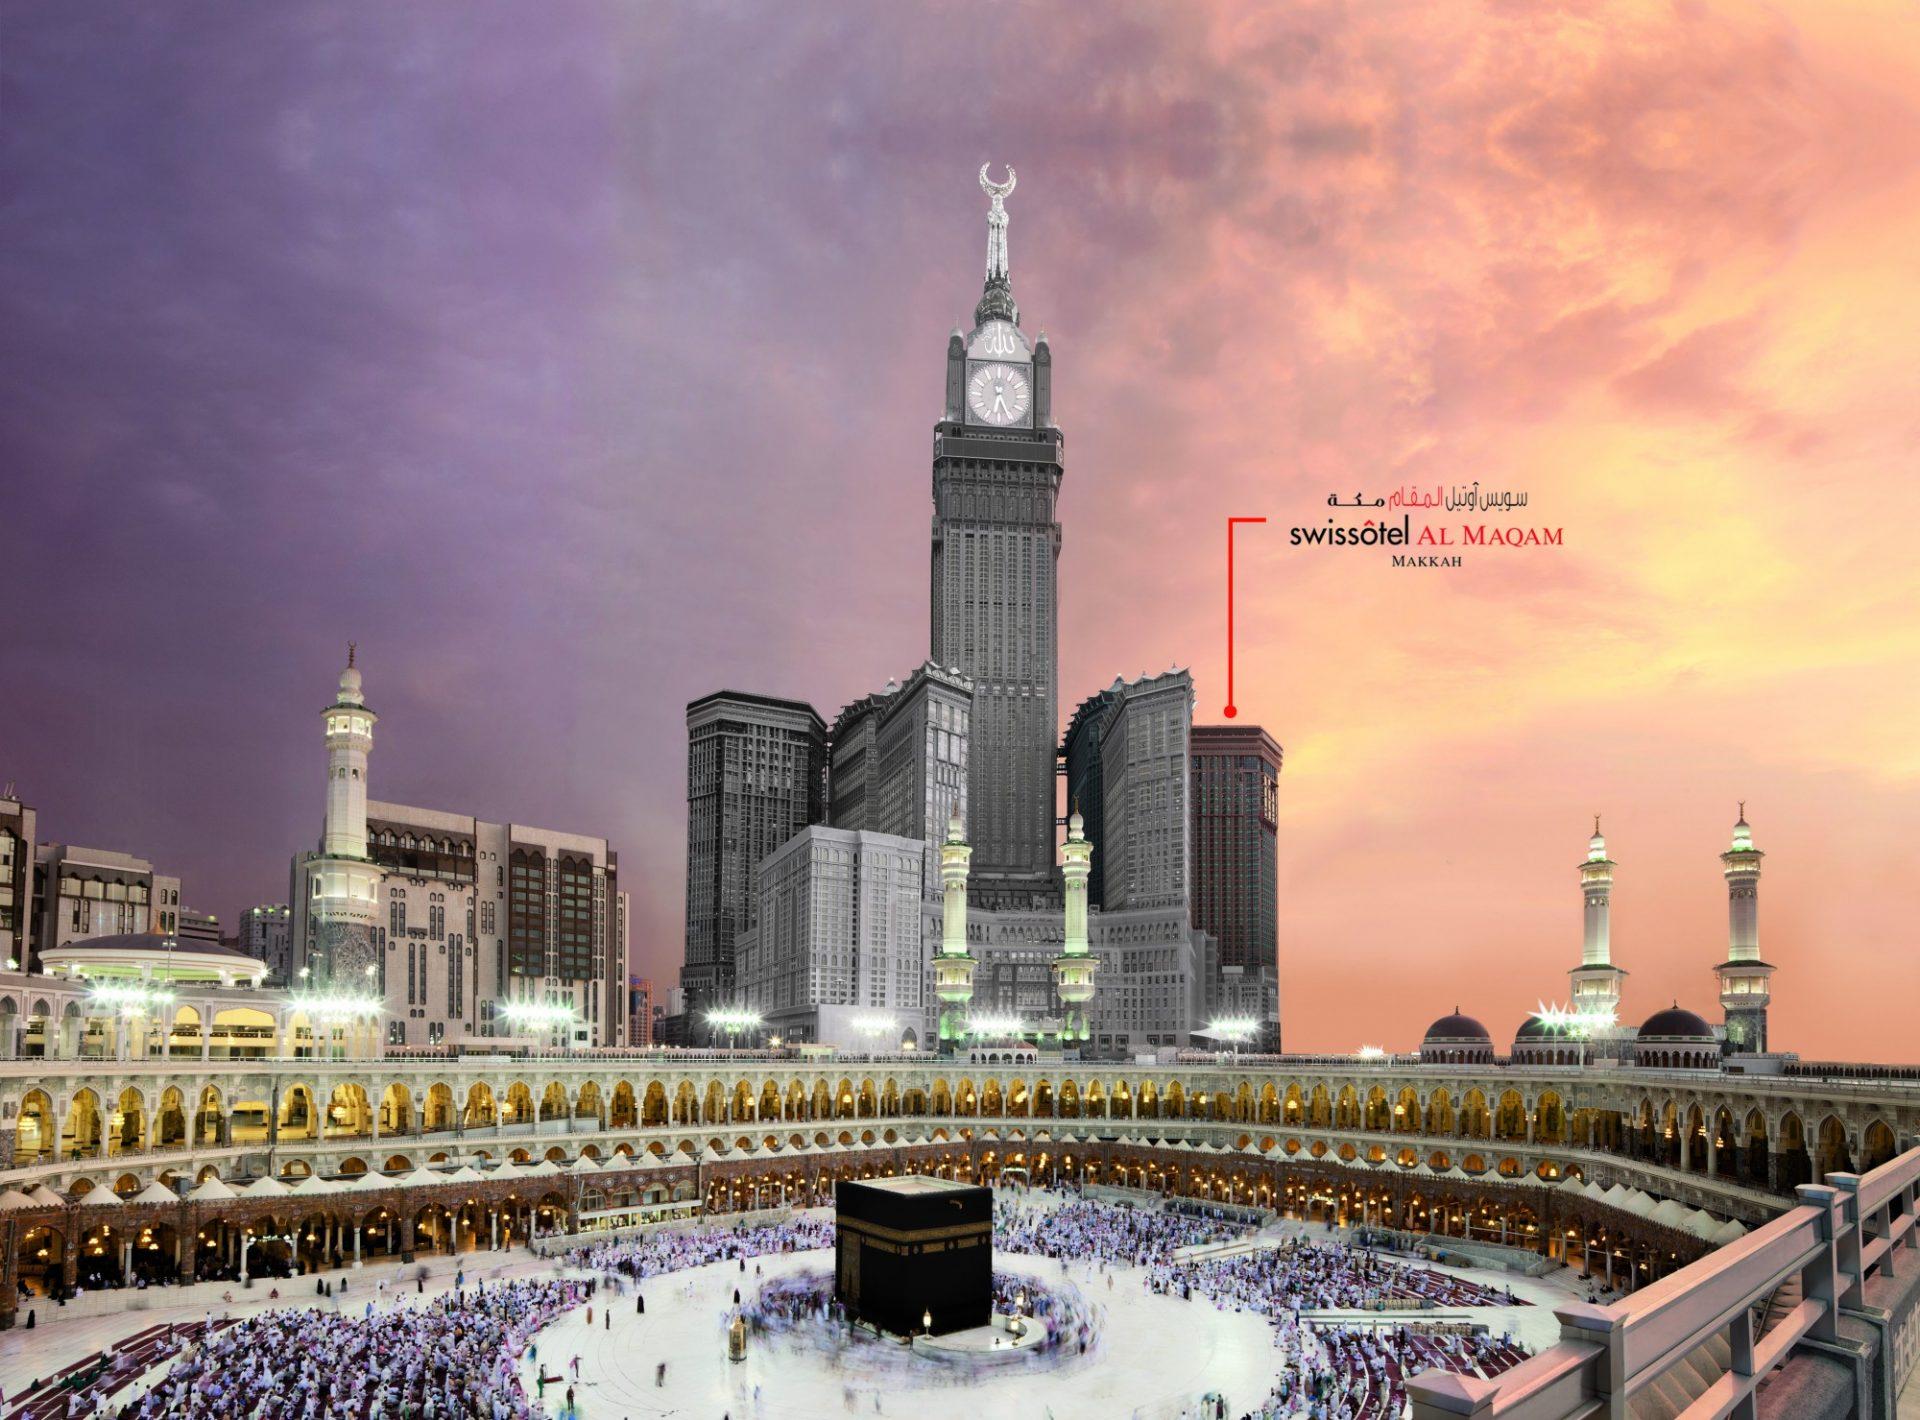 Swissotel_Al_Maqam_Makkah_Exterior_1081838_standard